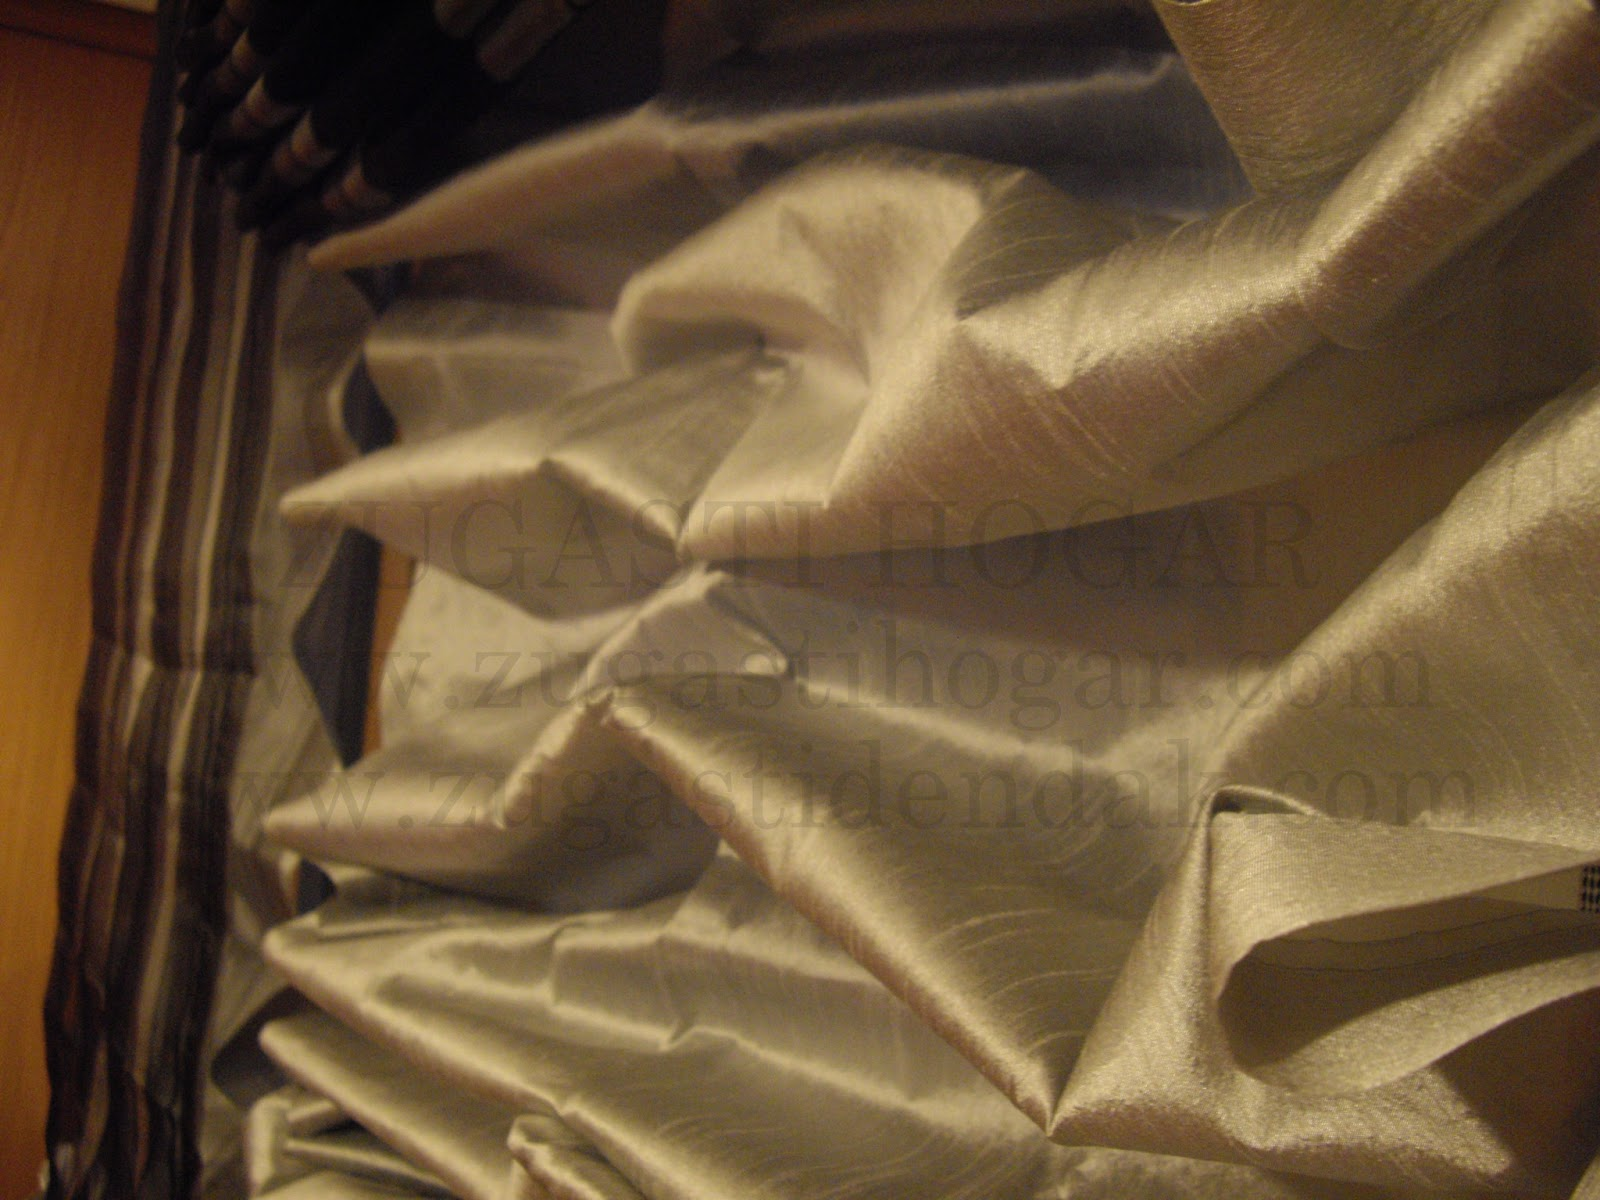 por el contrario un estor plegable es puede con telas propias para tapicera aunque nos quitarn ms visibilidad y luz que los visillos